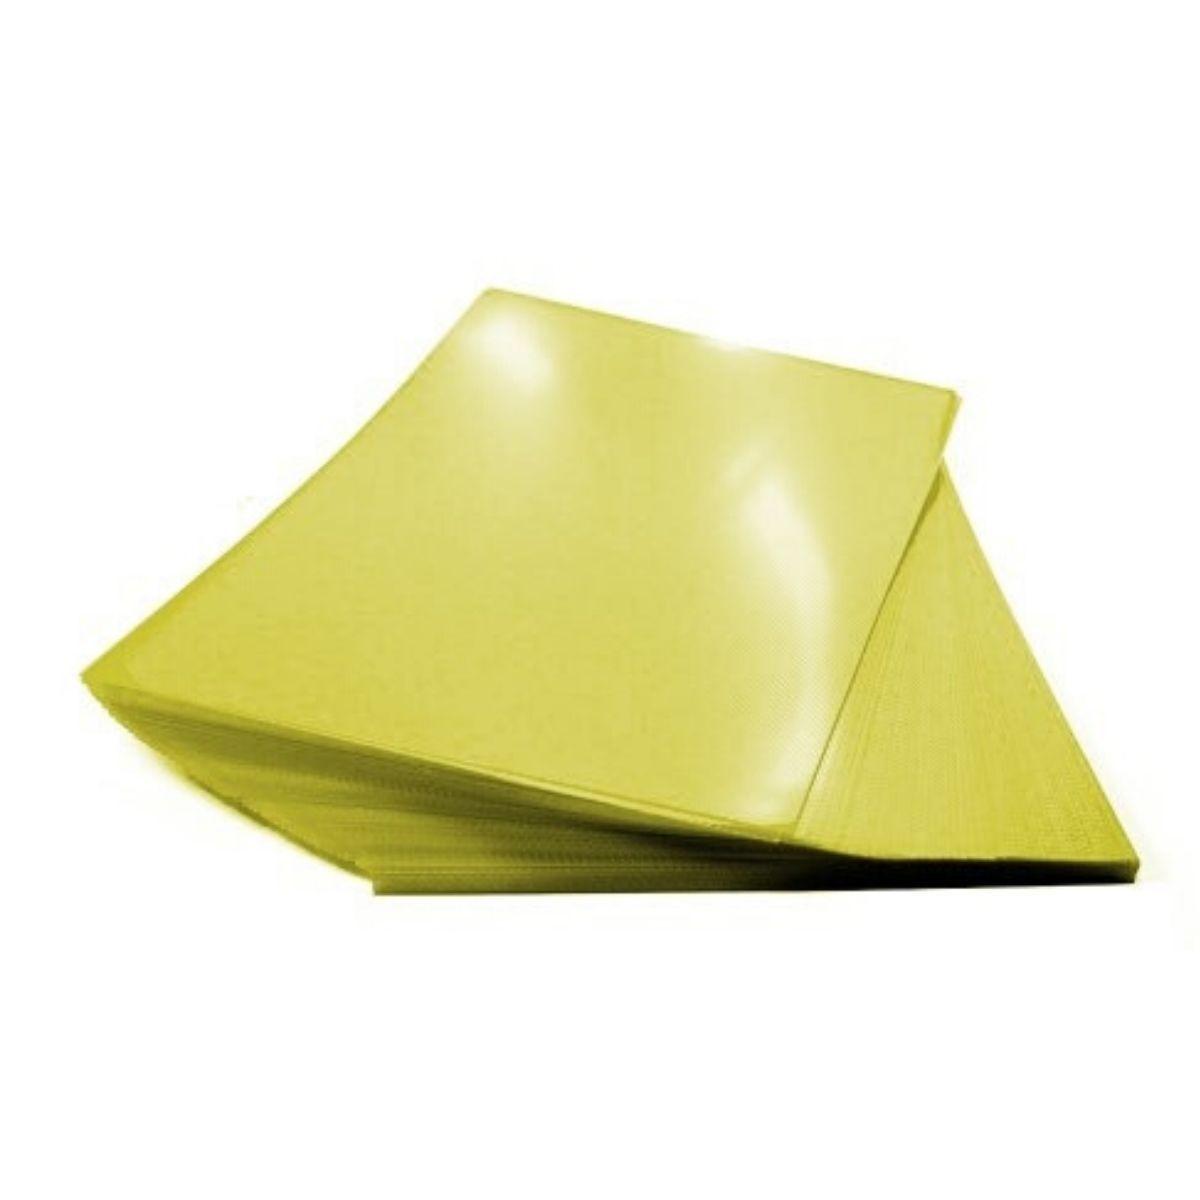 Kit 1000 Capas para Encadernação PP 0,30mm A4 Amarela Couro (Fundo)  - Click Suprimentos